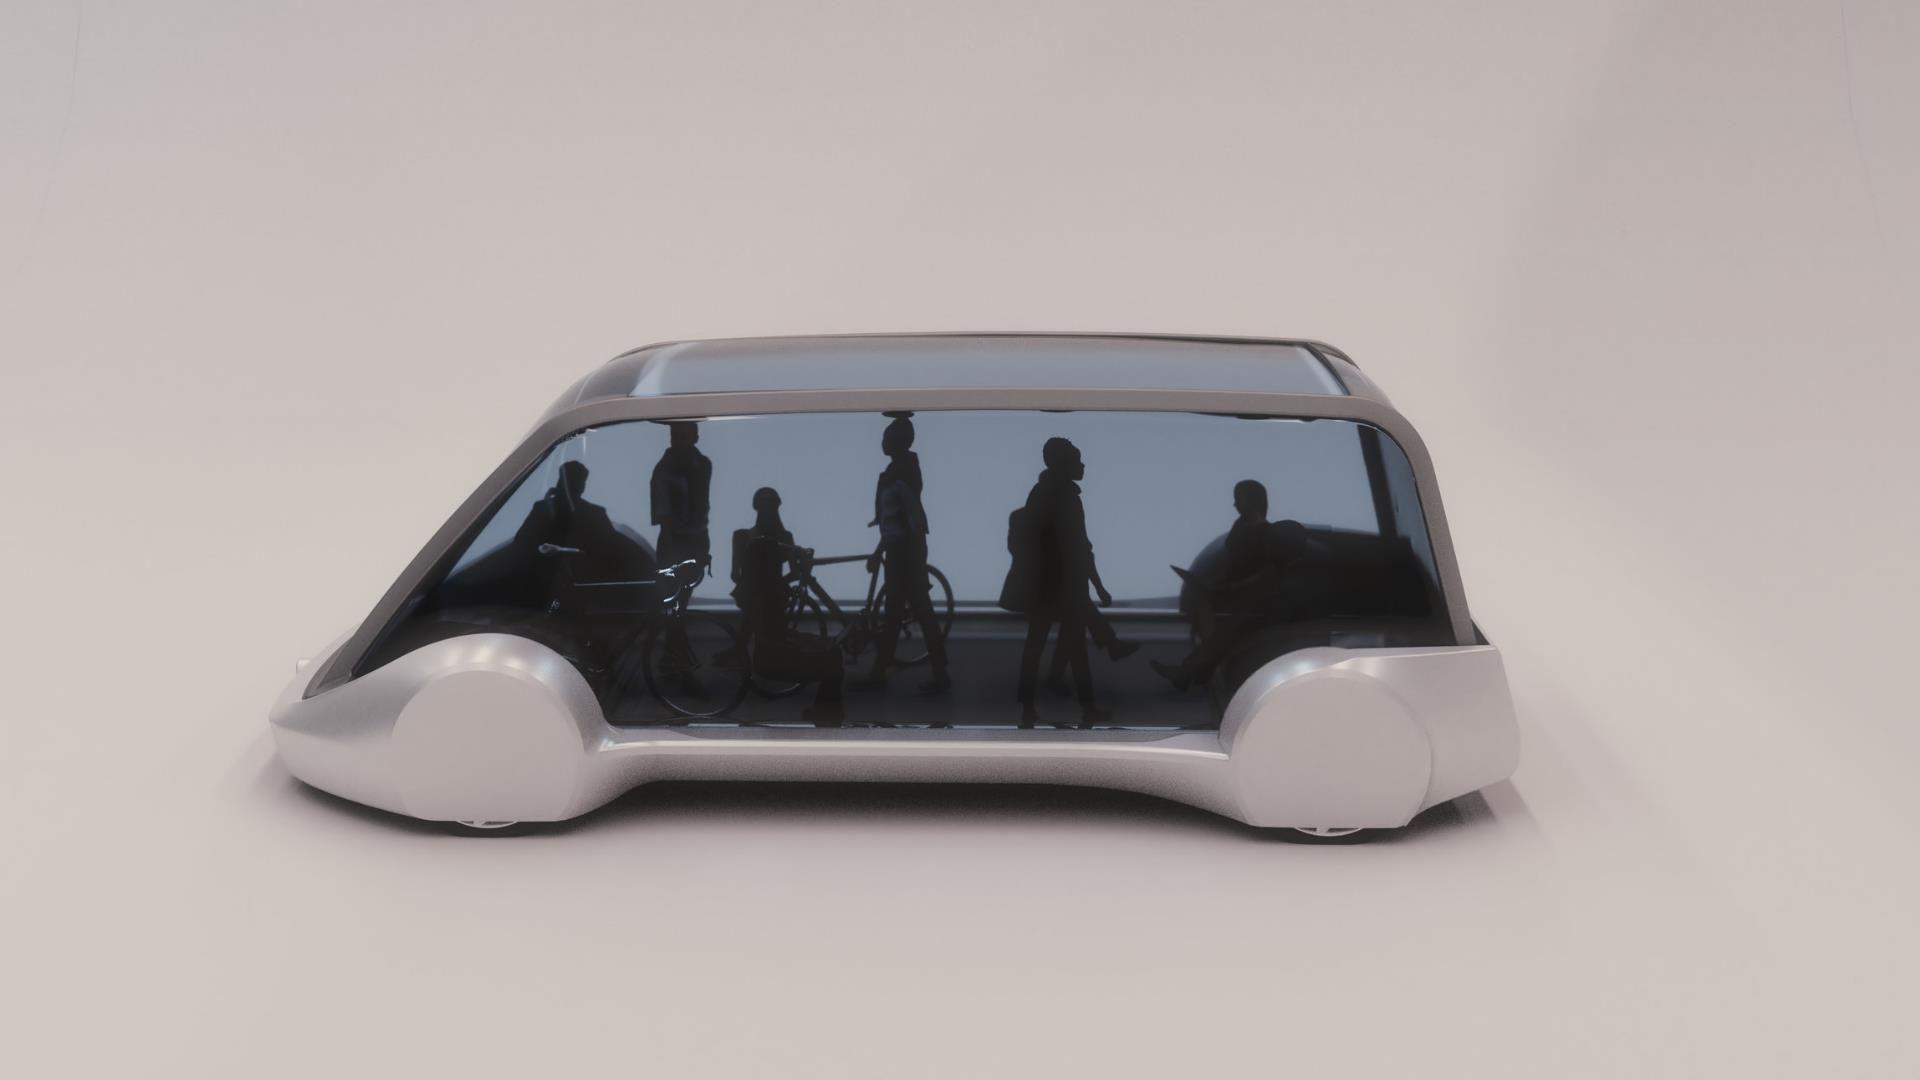 El futuro del transporte según Elon Musk